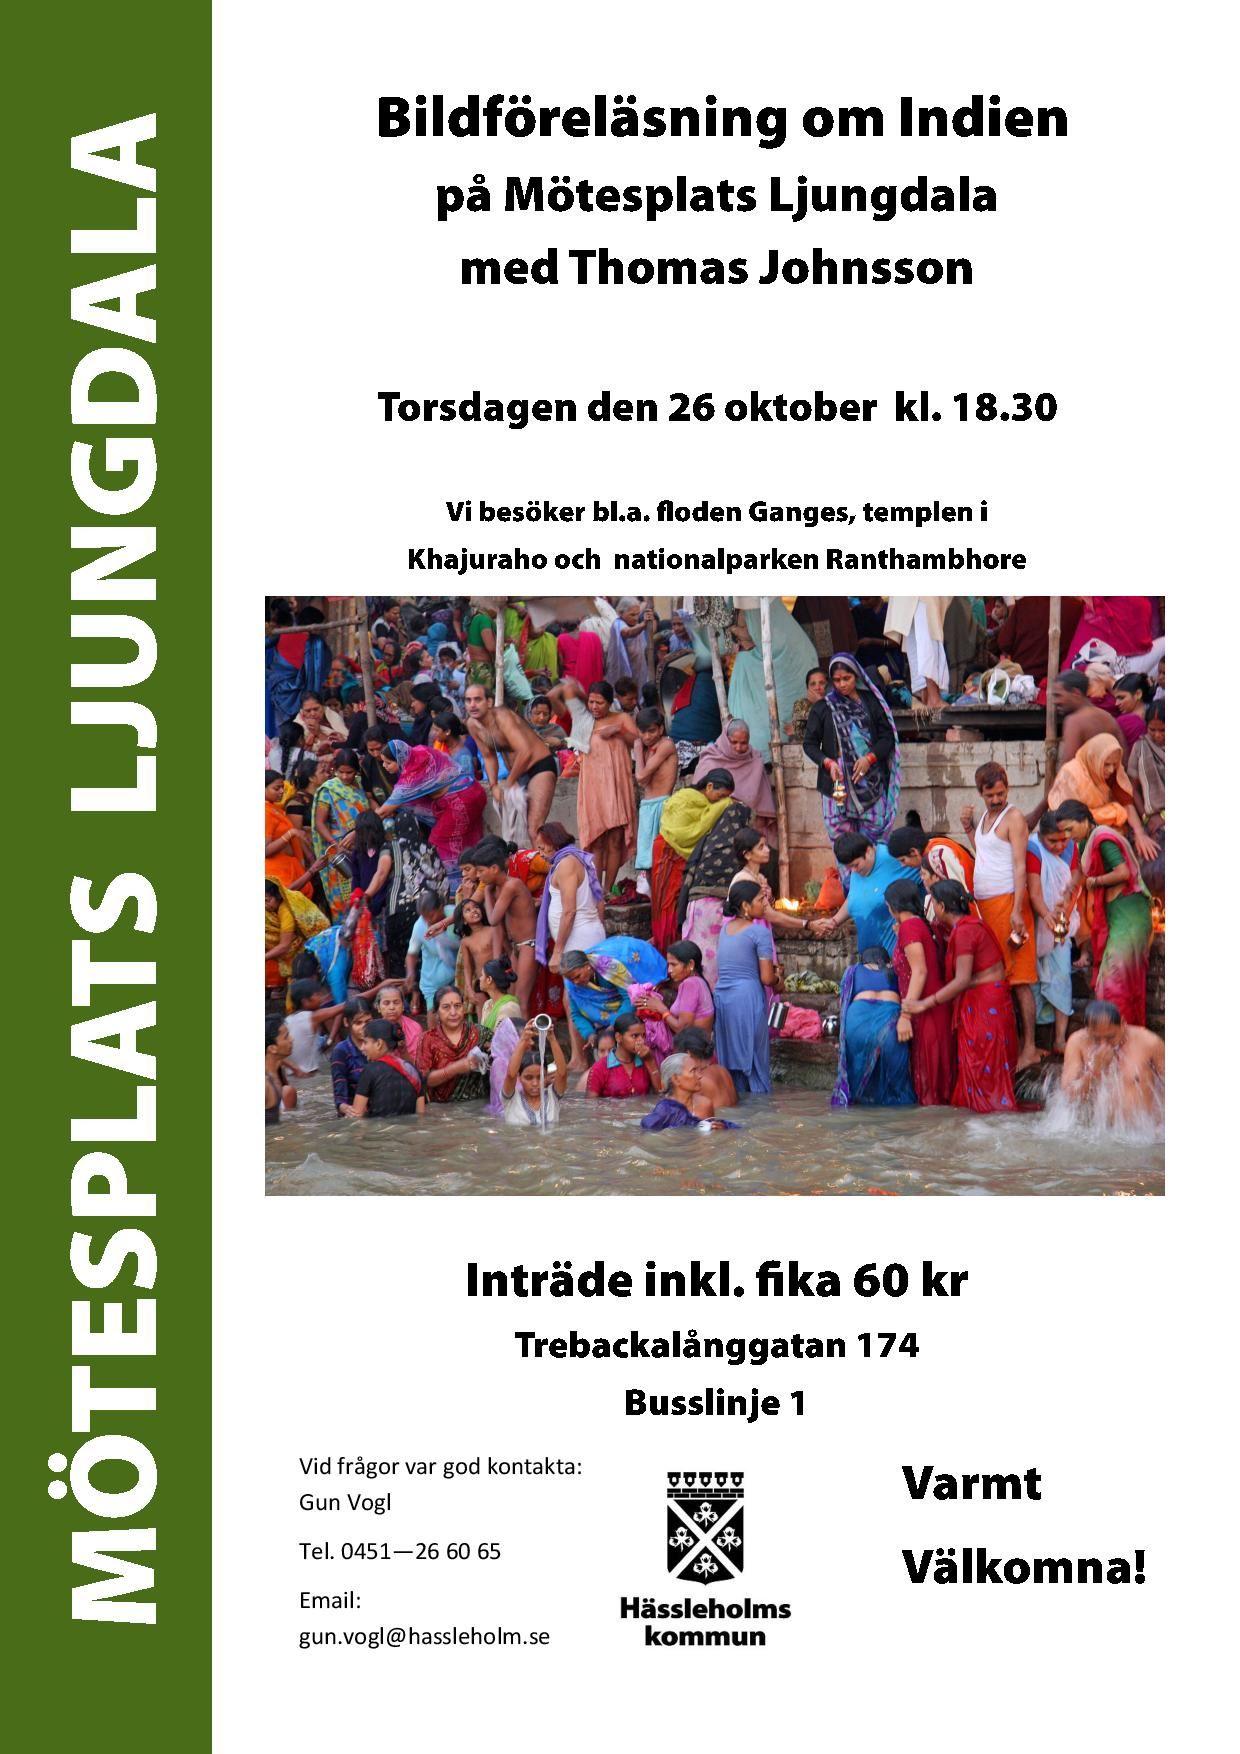 Bildföreläsning om Indien - på Mötesplats Ljungdala med Thomas Johnsson